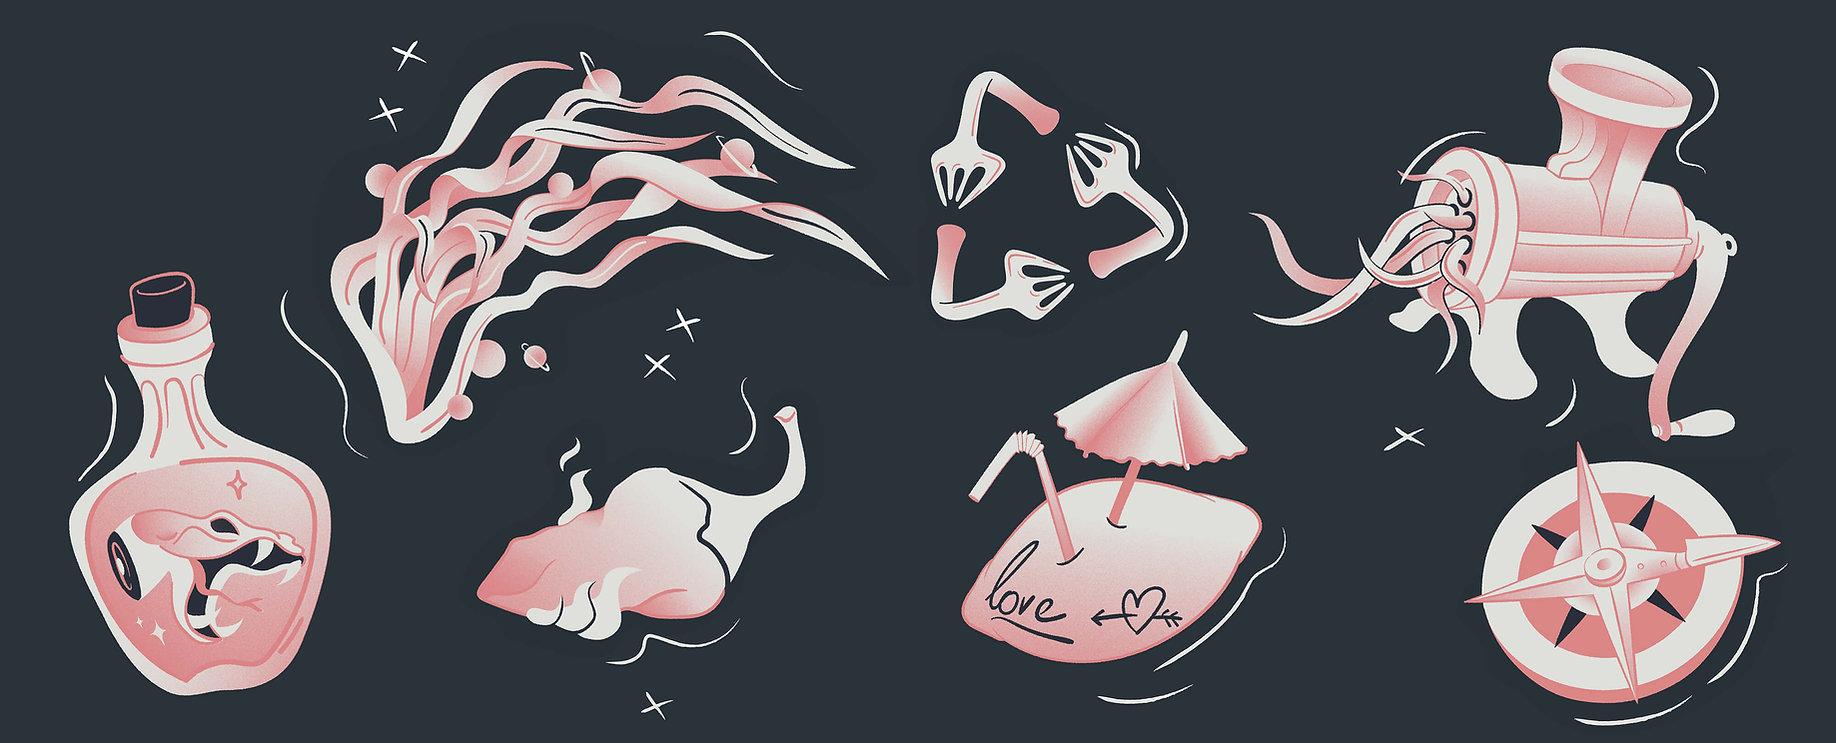 Kreslicí plátno 1_4x-100.jpg